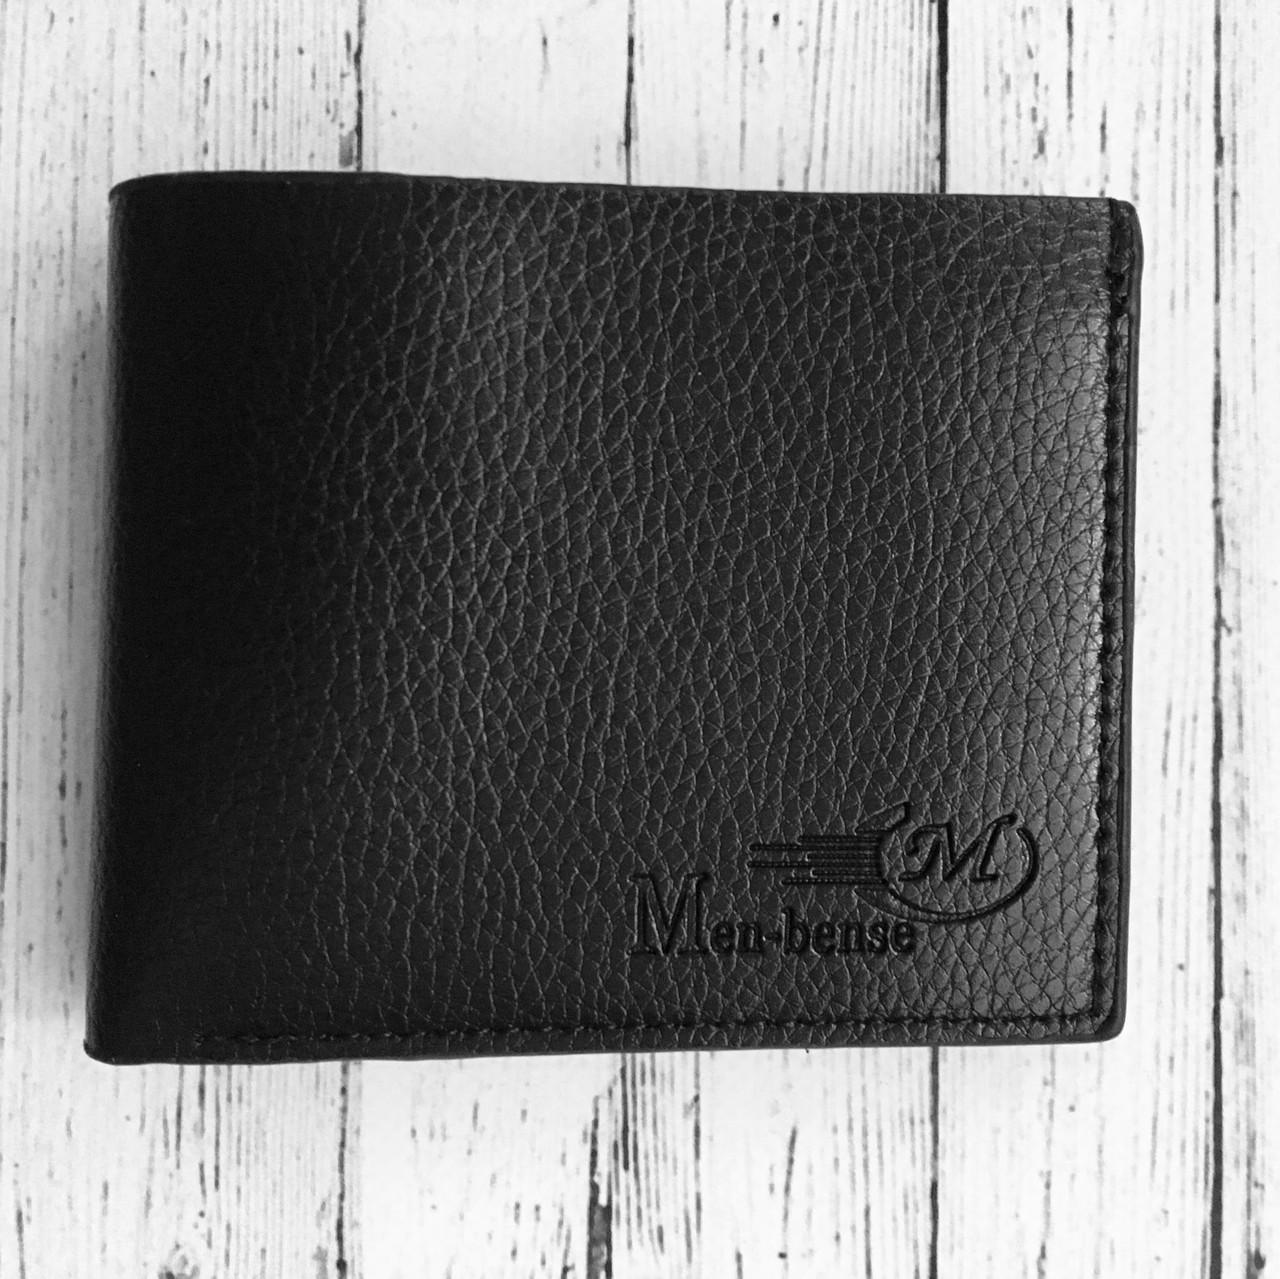 """Мужское портмоне-кошелёк стильный вместительный """"Men Bense"""" (чёрный)"""